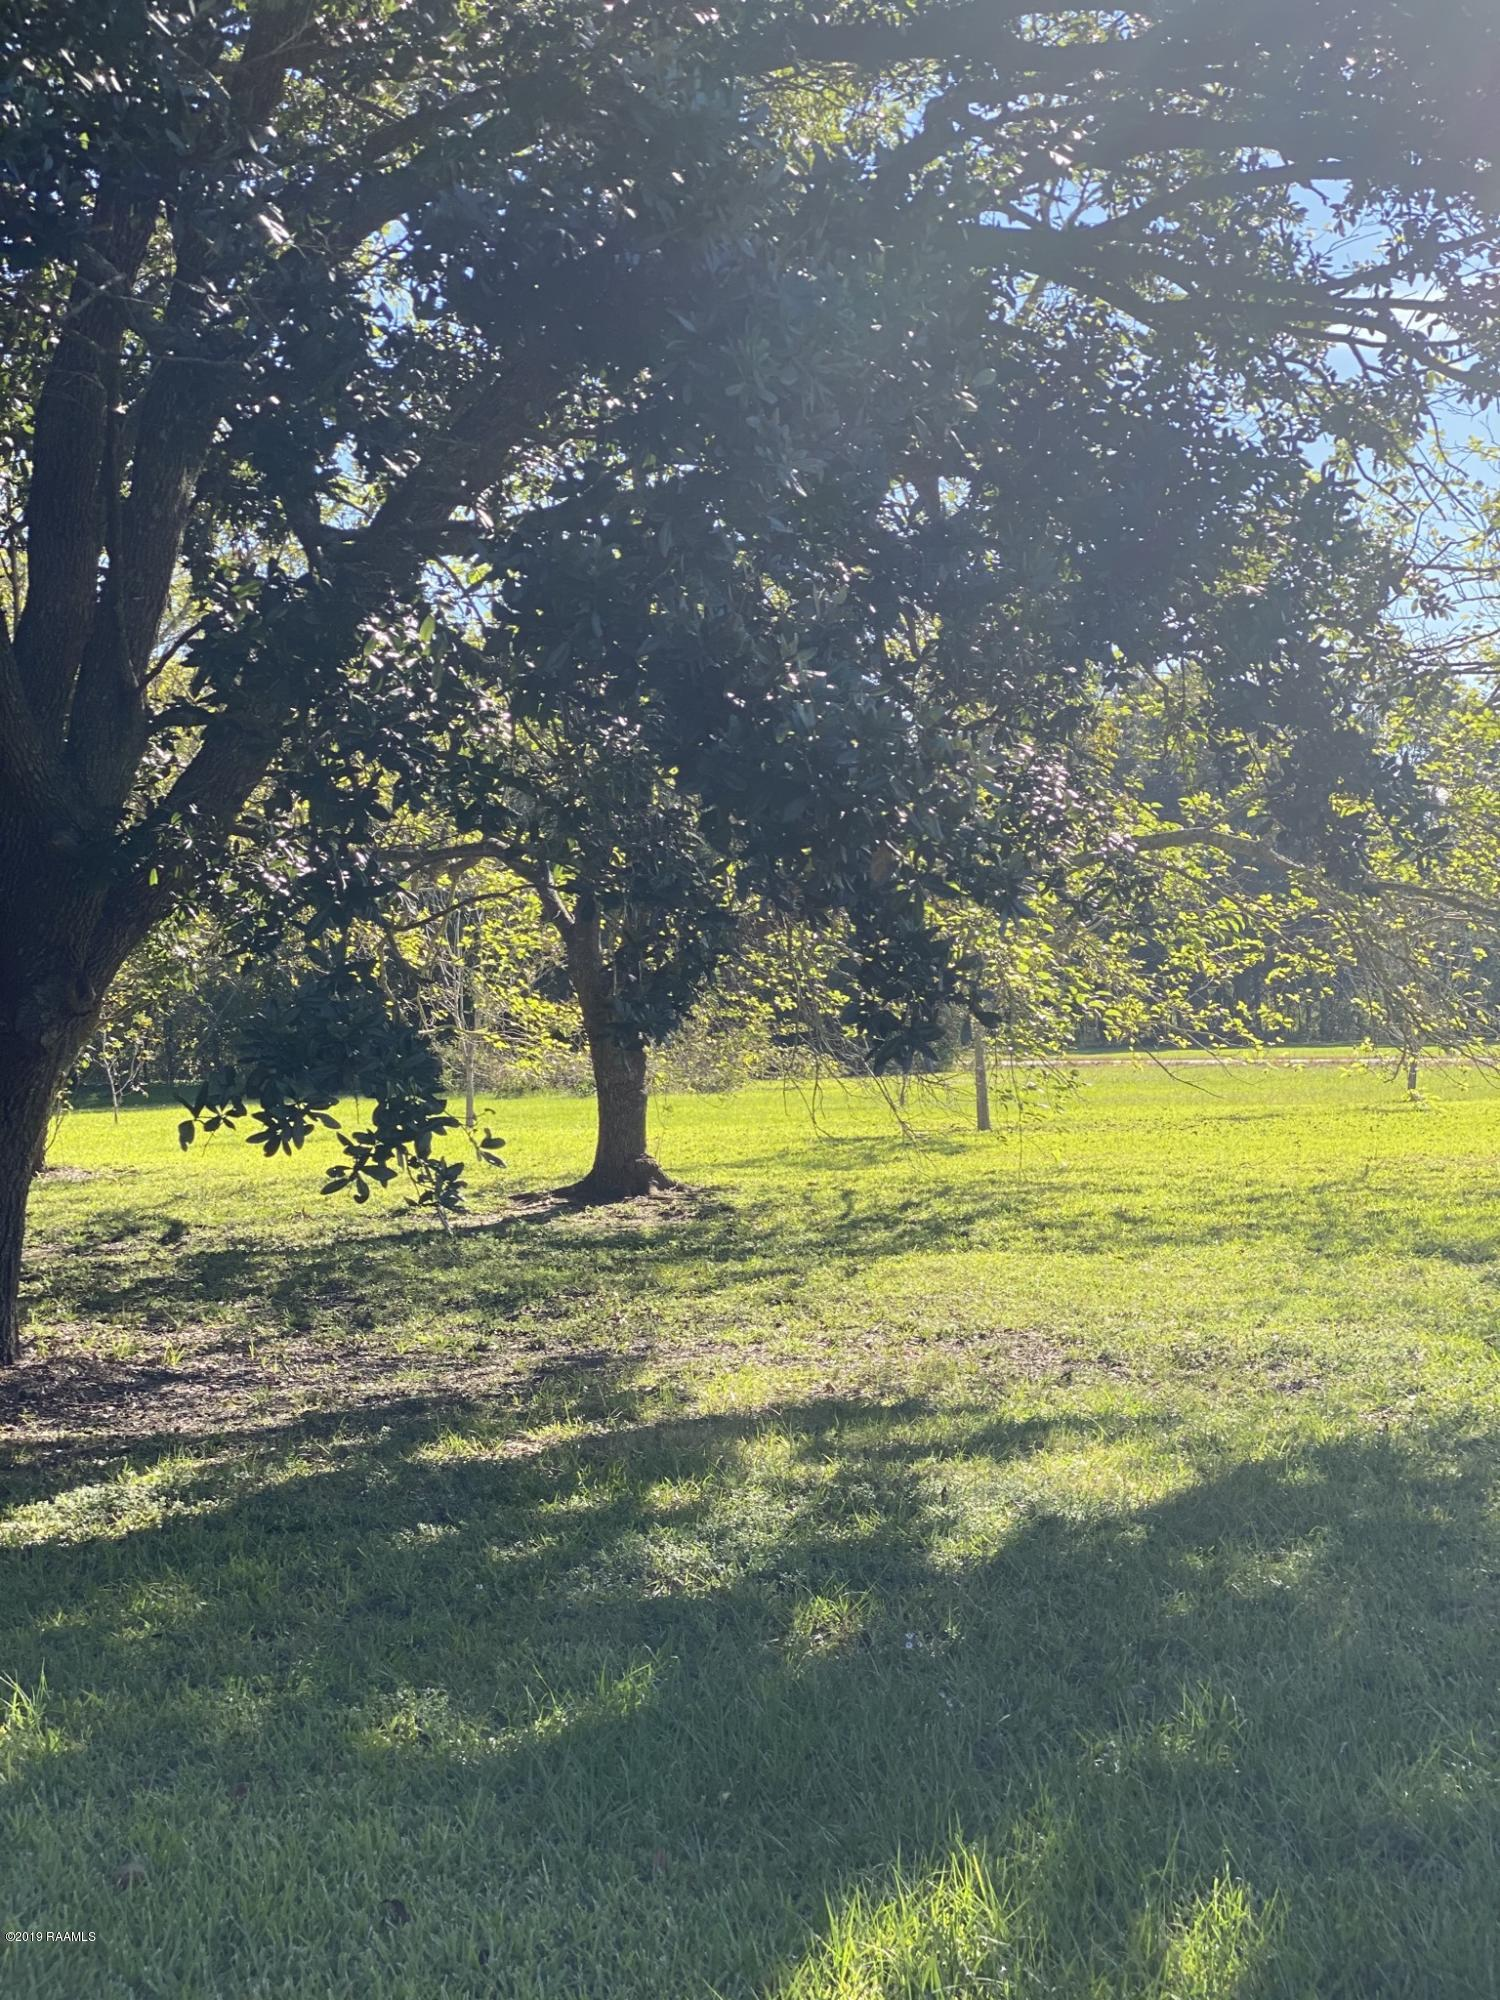 1145 Begnaud Rd Road, Arnaudville, LA 70512 Photo #10